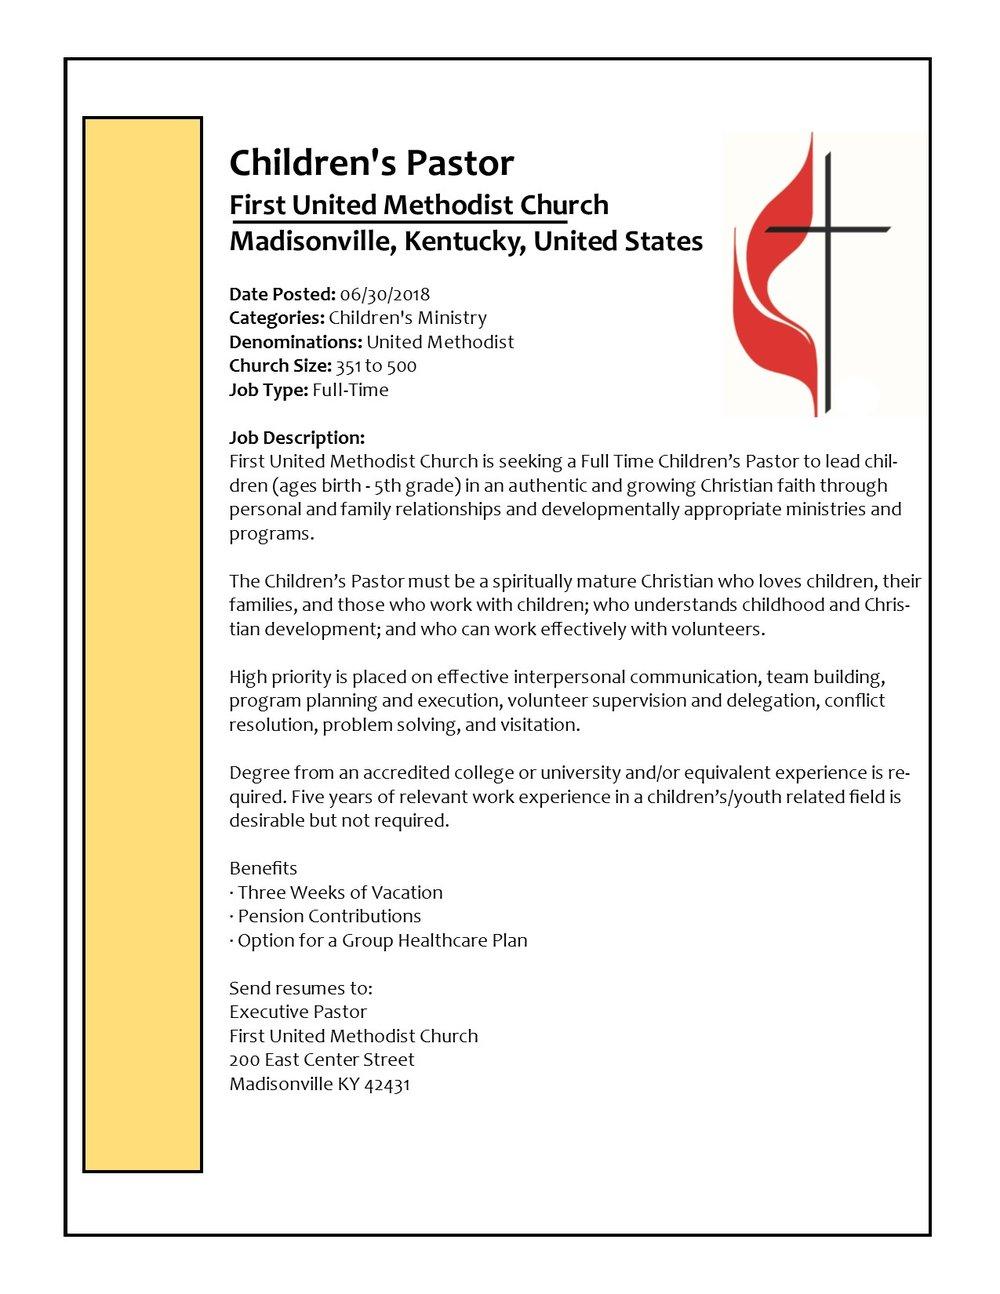 Childrens Pastor Job.jpg